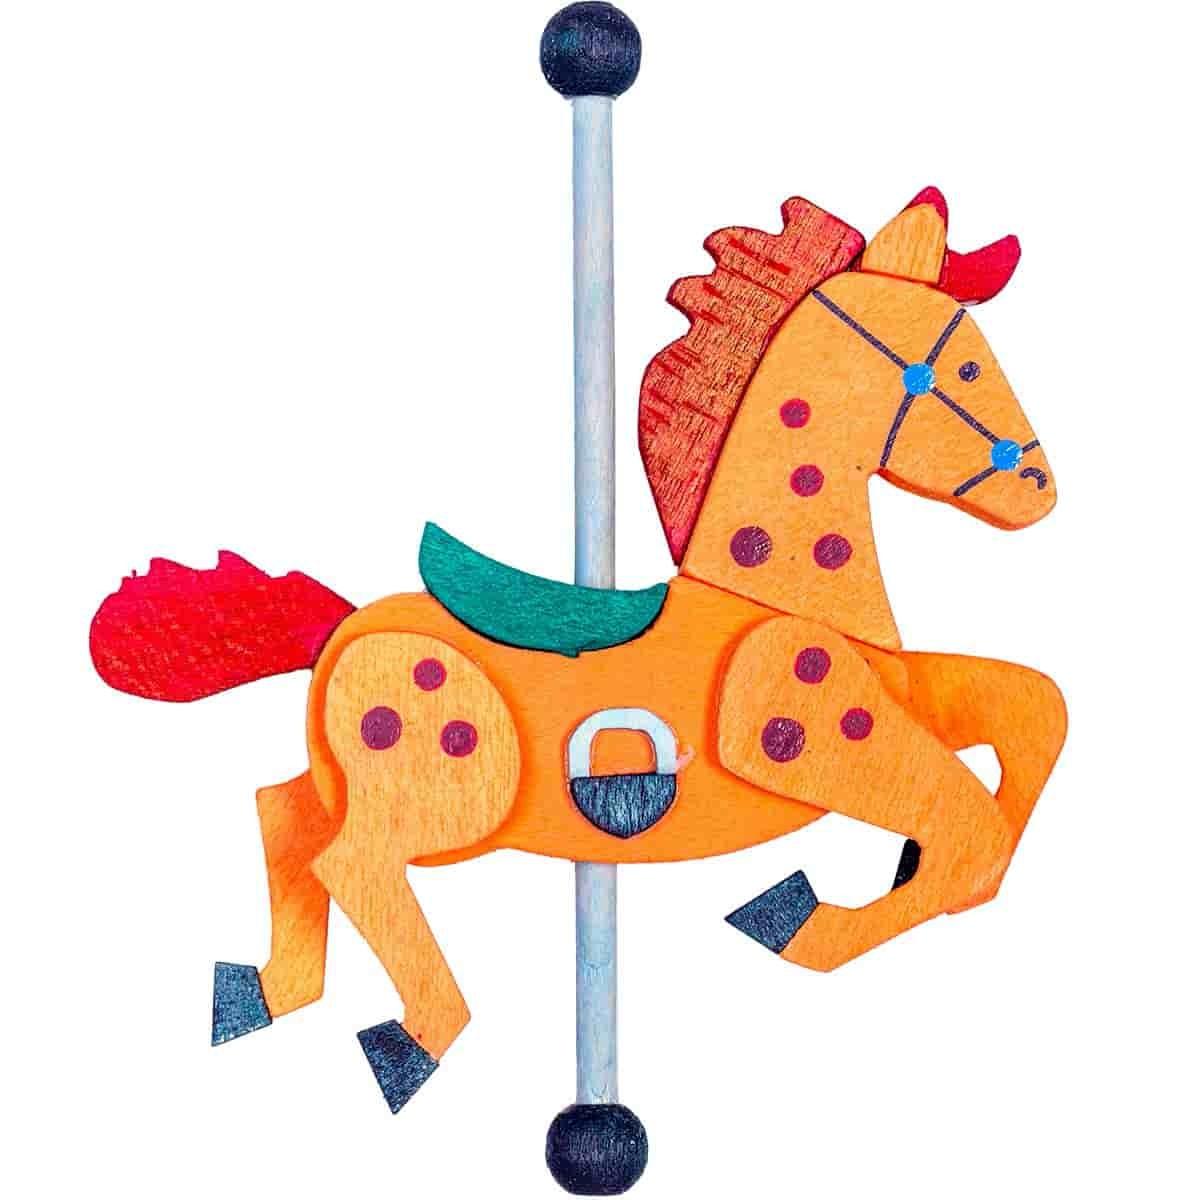 Graupner - Karussellpferd als Baumschmuck orange / rot